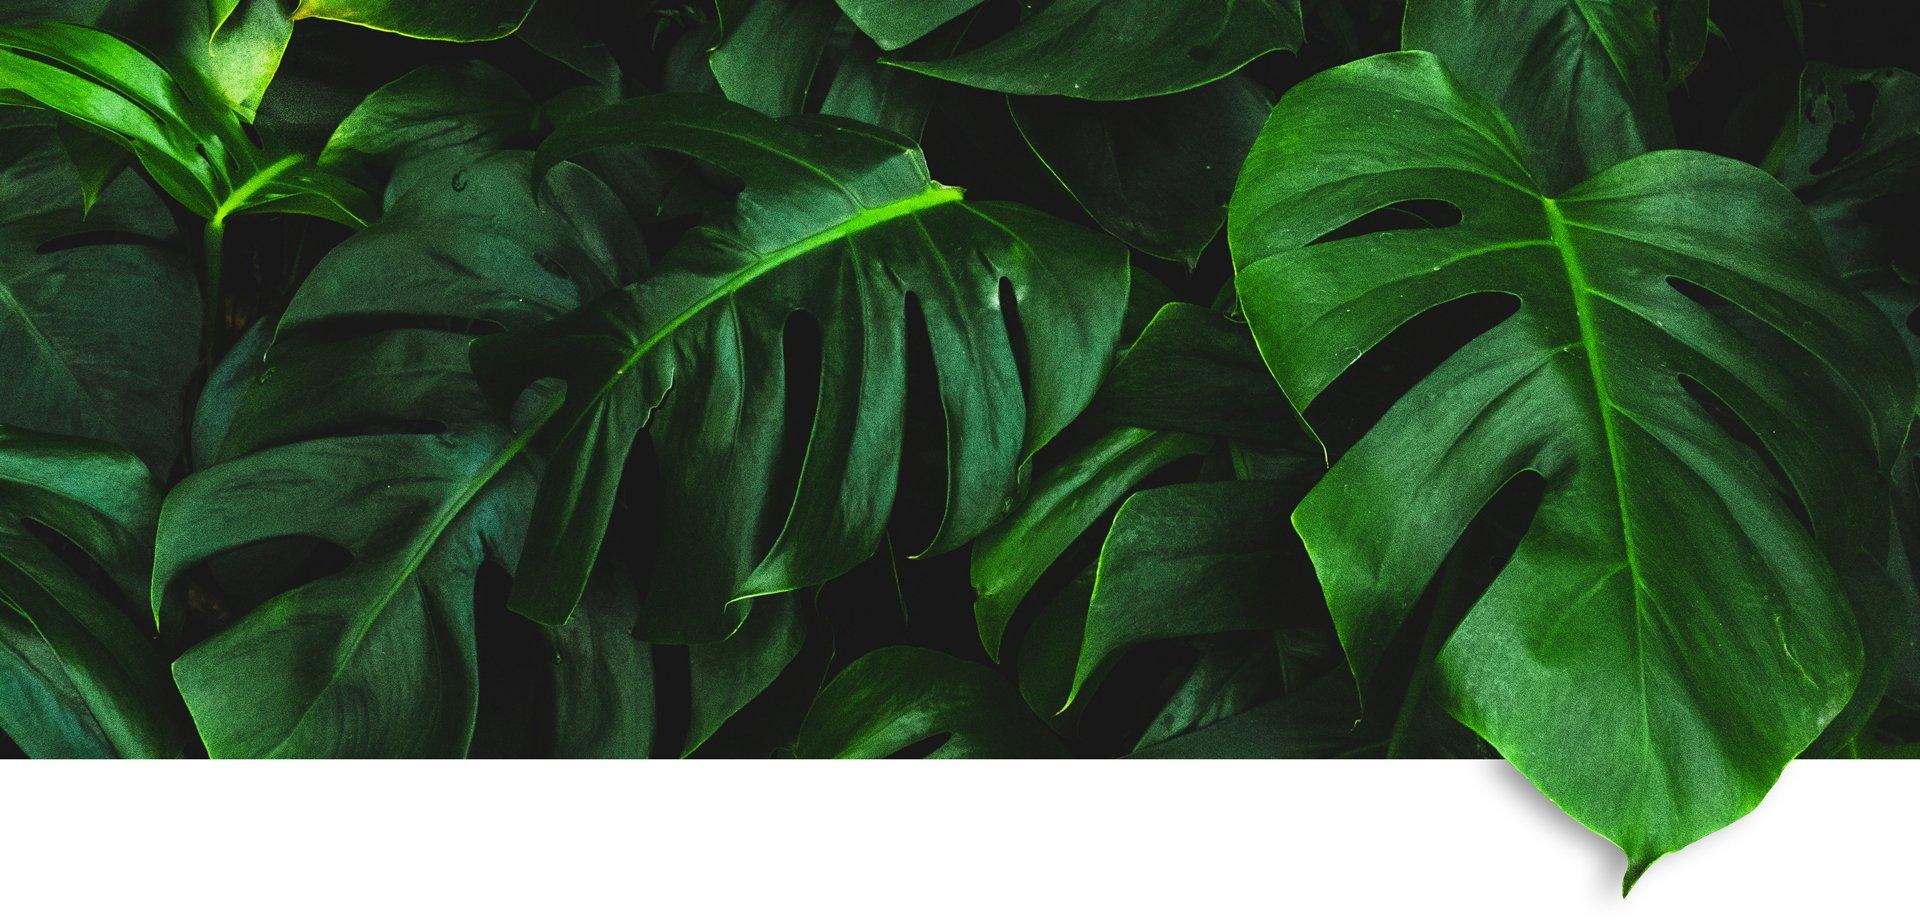 Pflanzen Hintergrund